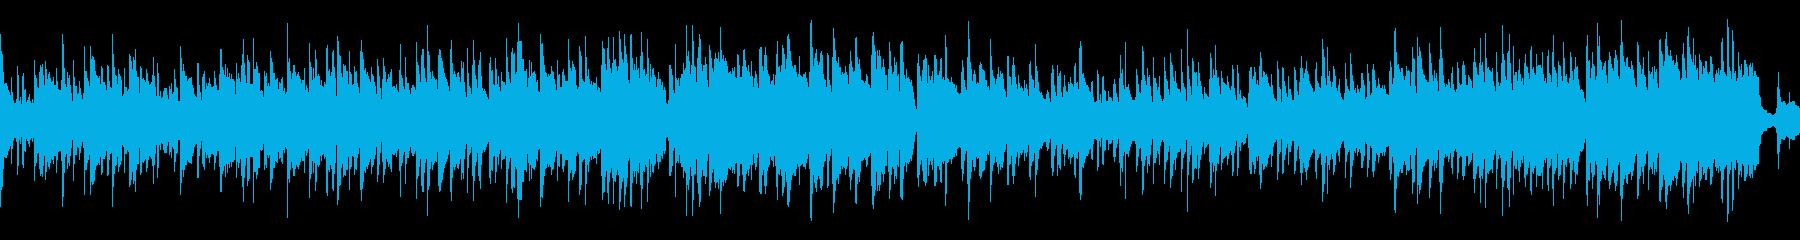 【ループ】哀愁メロディーのボサノバの再生済みの波形